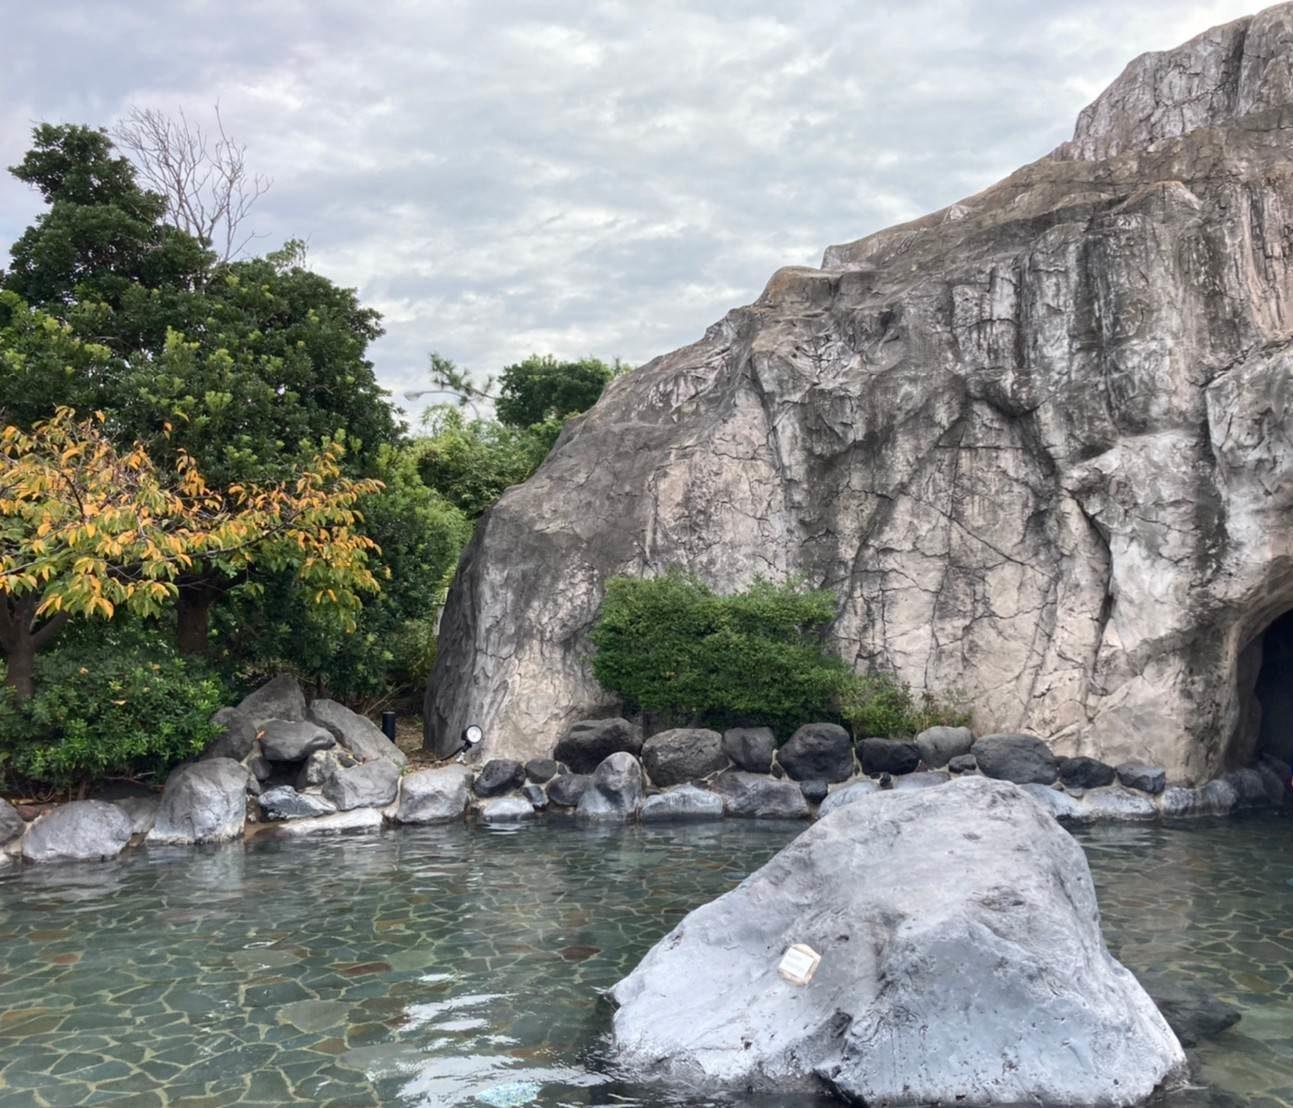 【地域共通クーポン利用可】大江戸温泉物語 浦安万華鏡をおすすめする5つの理由!